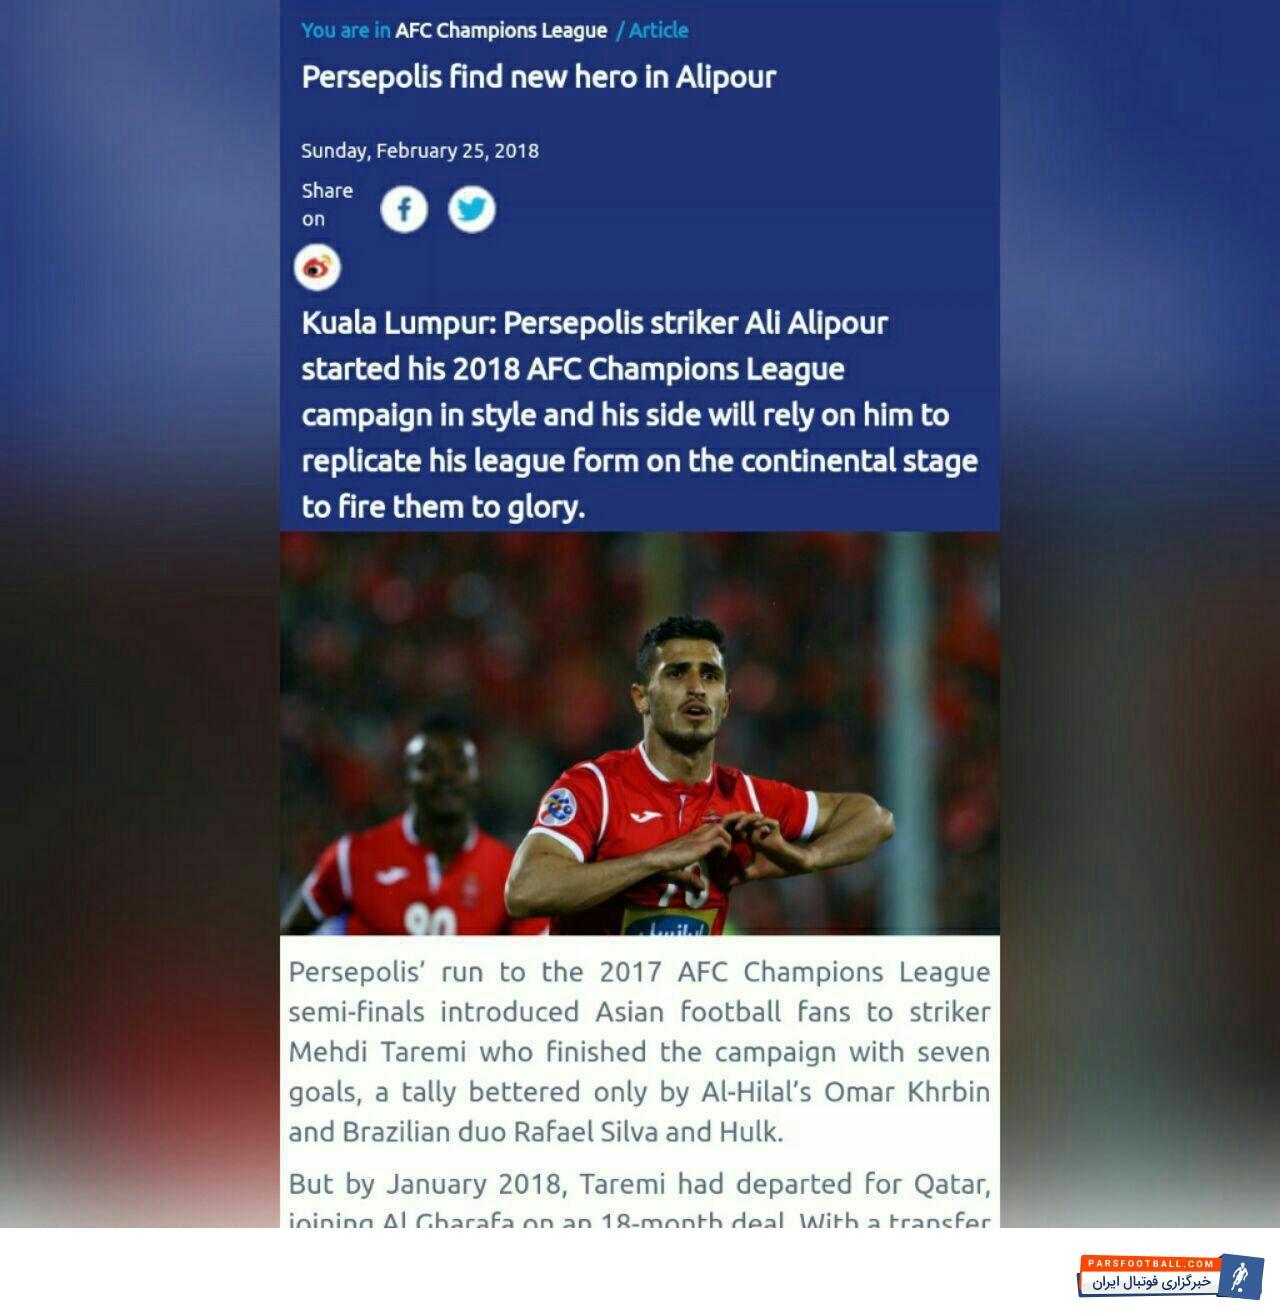 """عکس ؛ واکنش جالب AFC به درخشش ستاره """" قرمزها """" ؛ با قهرمان جدید """" پرسپولیس """" آشنا شوید !"""